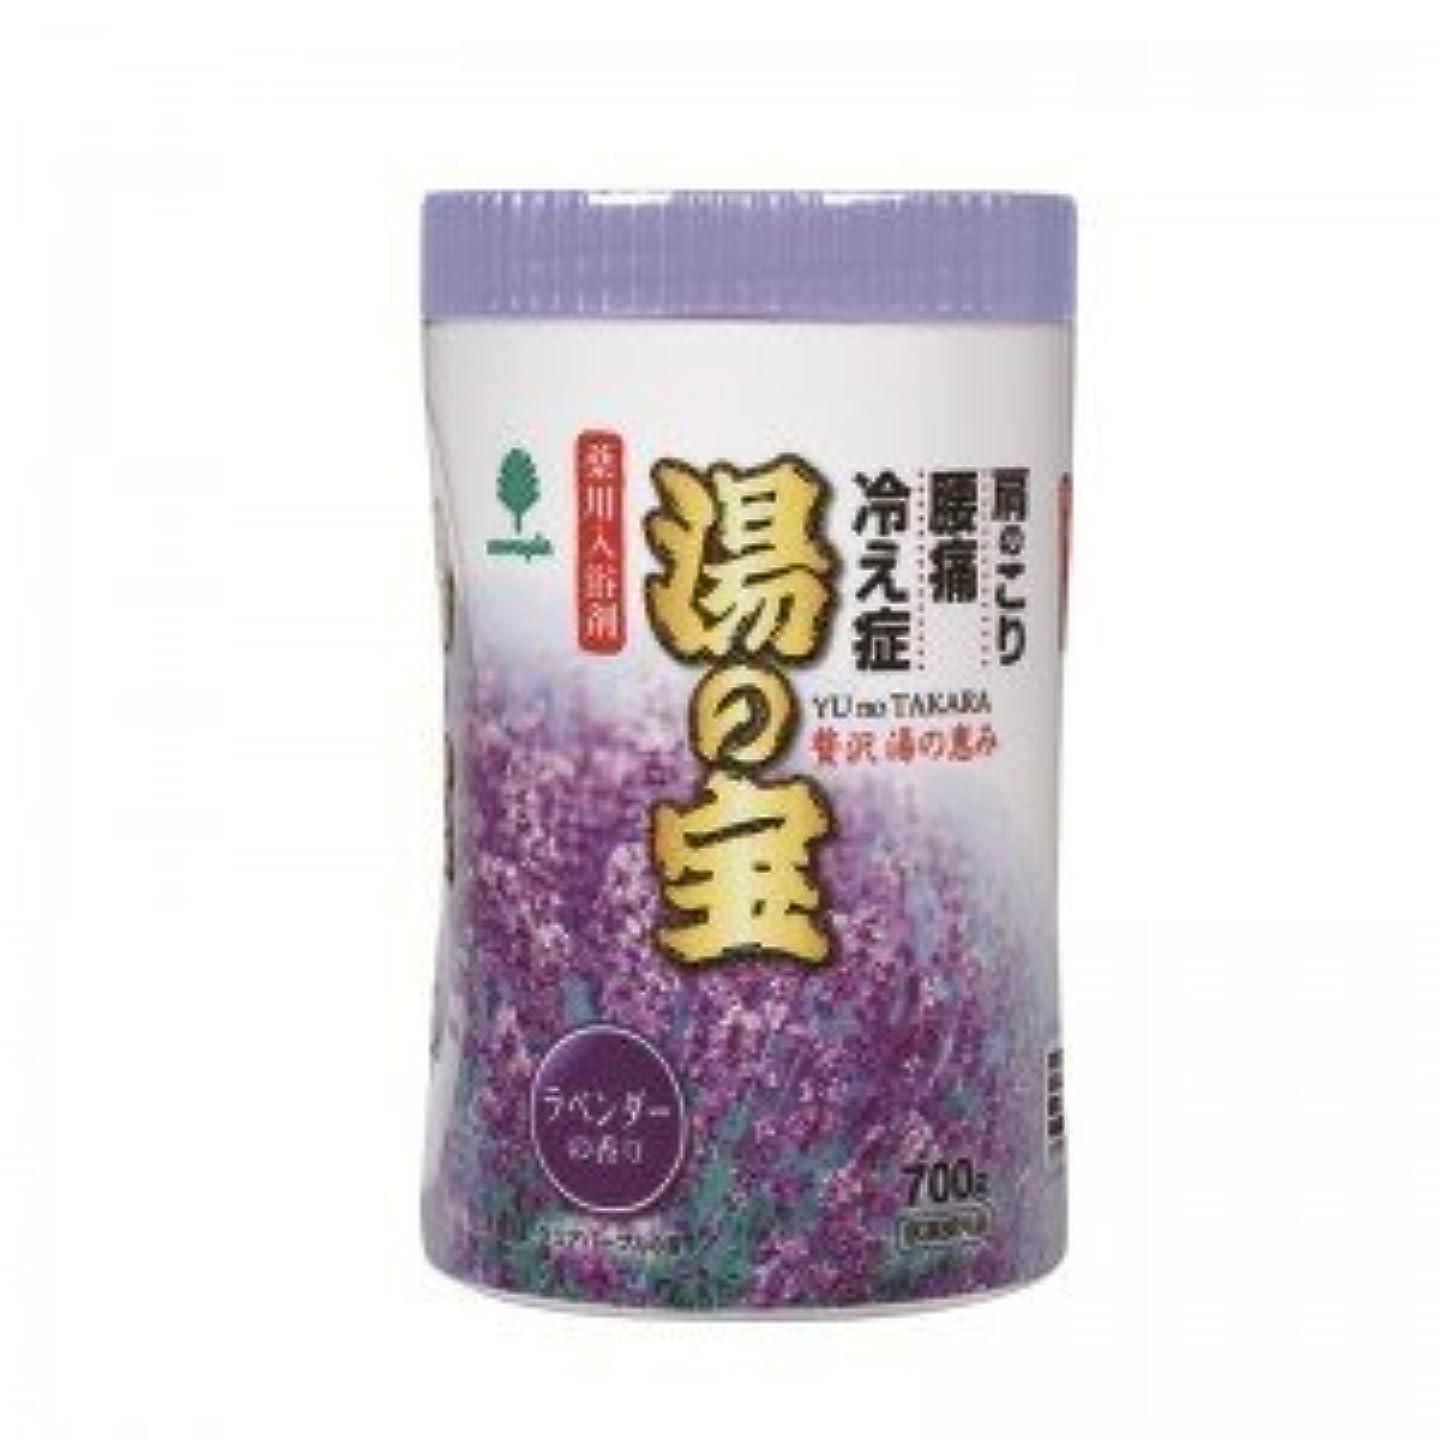 狂う放送逆さまに紀陽除虫菊 湯の宝 ラベンダーの香り (丸ボトル) 700g【まとめ買い15個セット】 N-0068